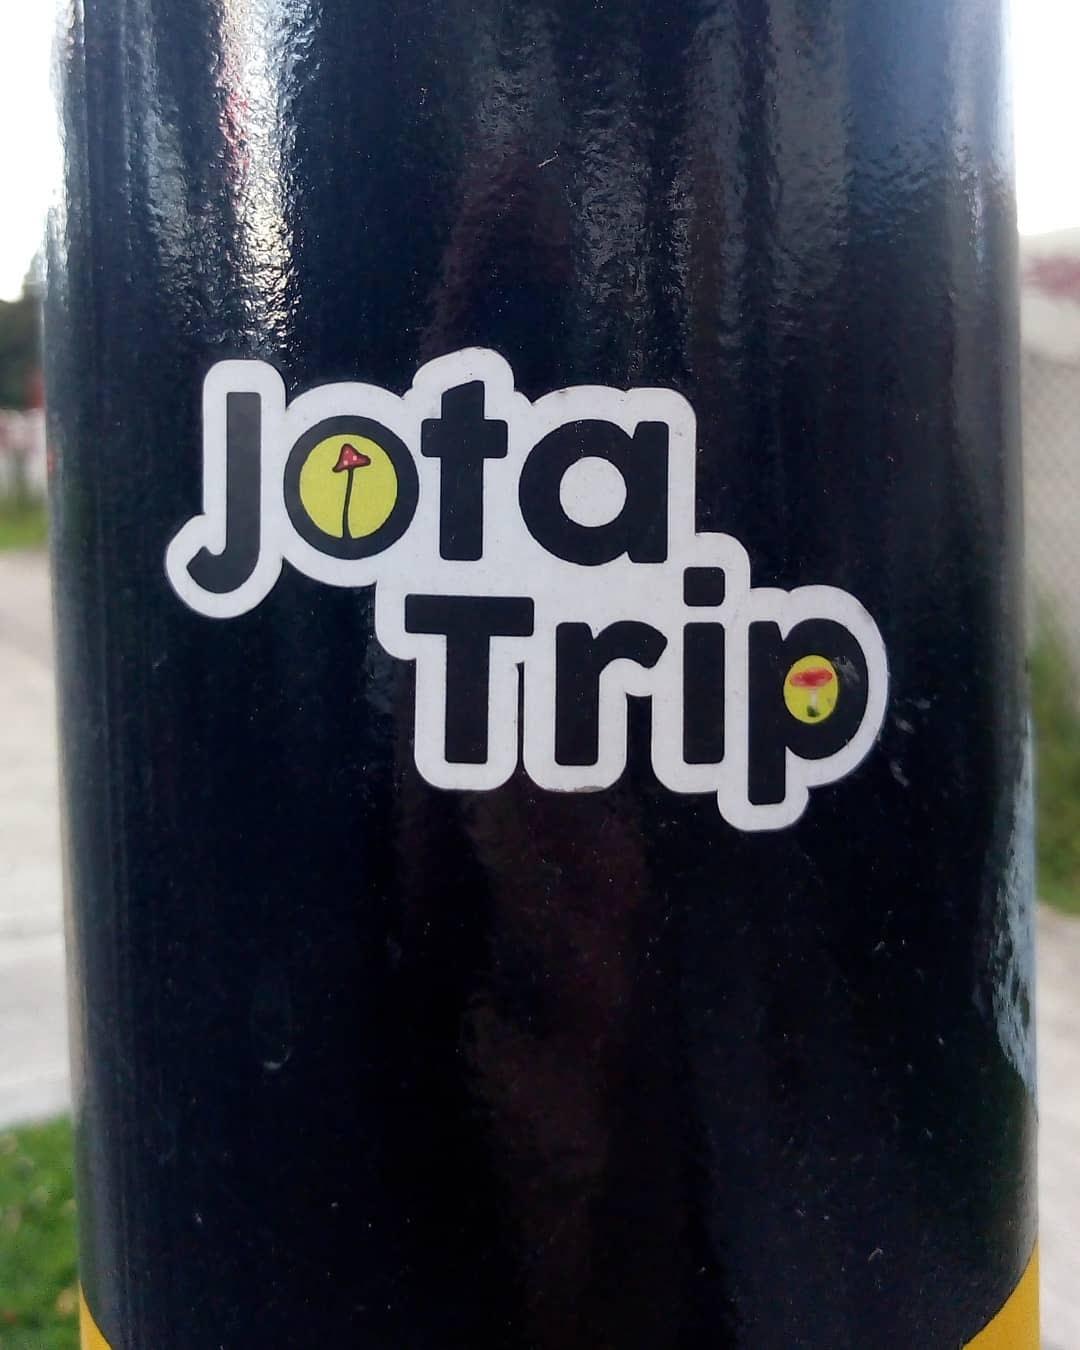 """Pegatina o sticker en un poste que dice """"Jota Trip"""""""